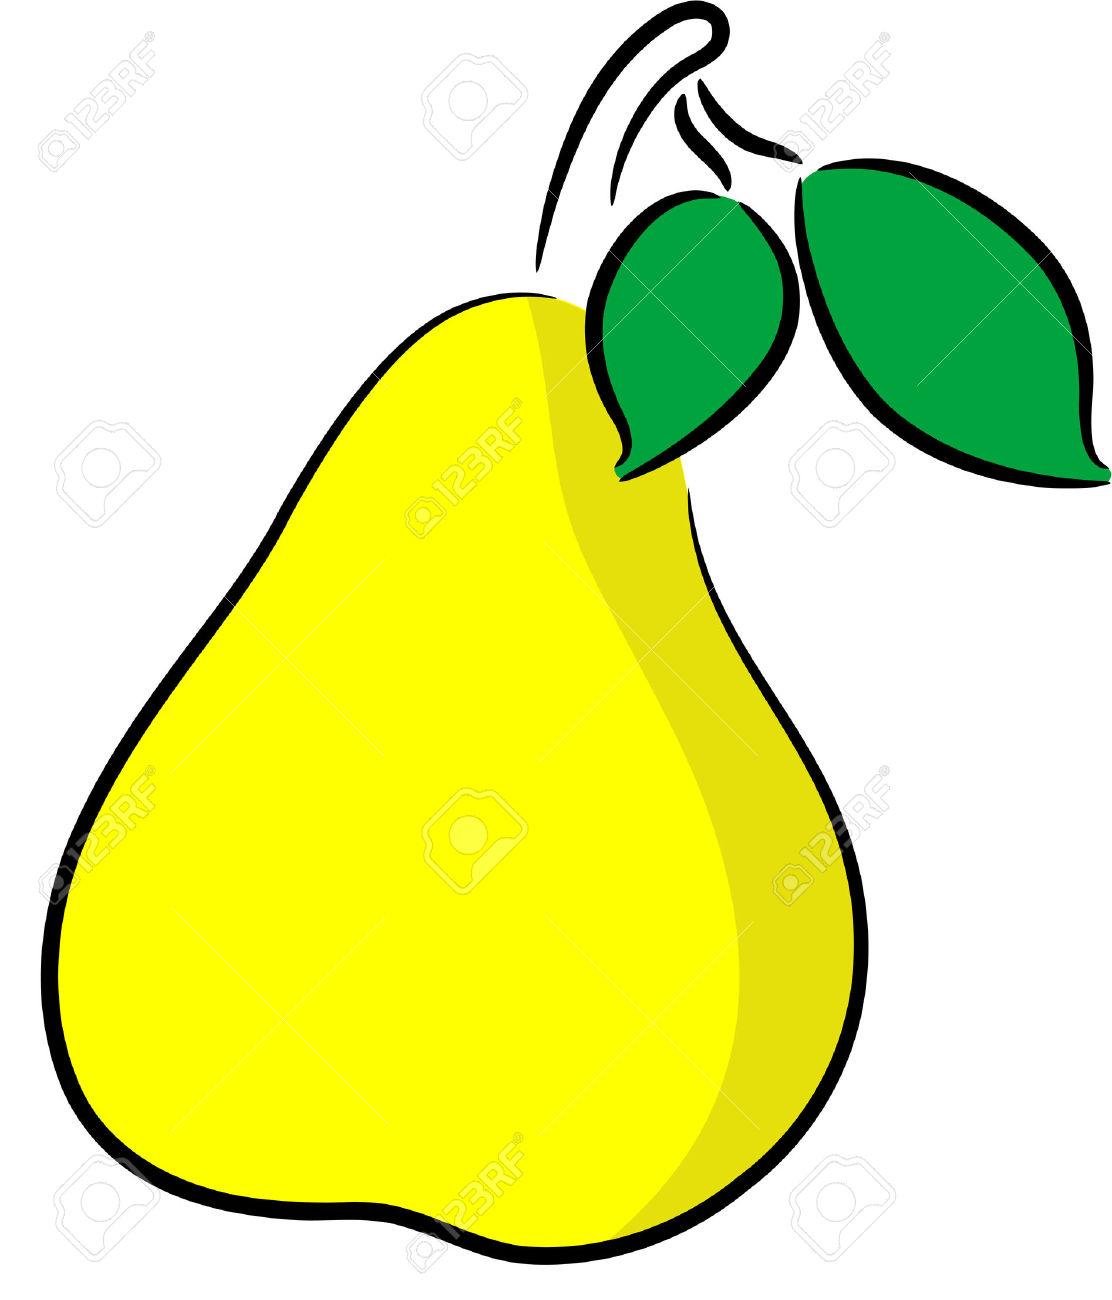 Pear Clip Art; Pear Clip Art ...